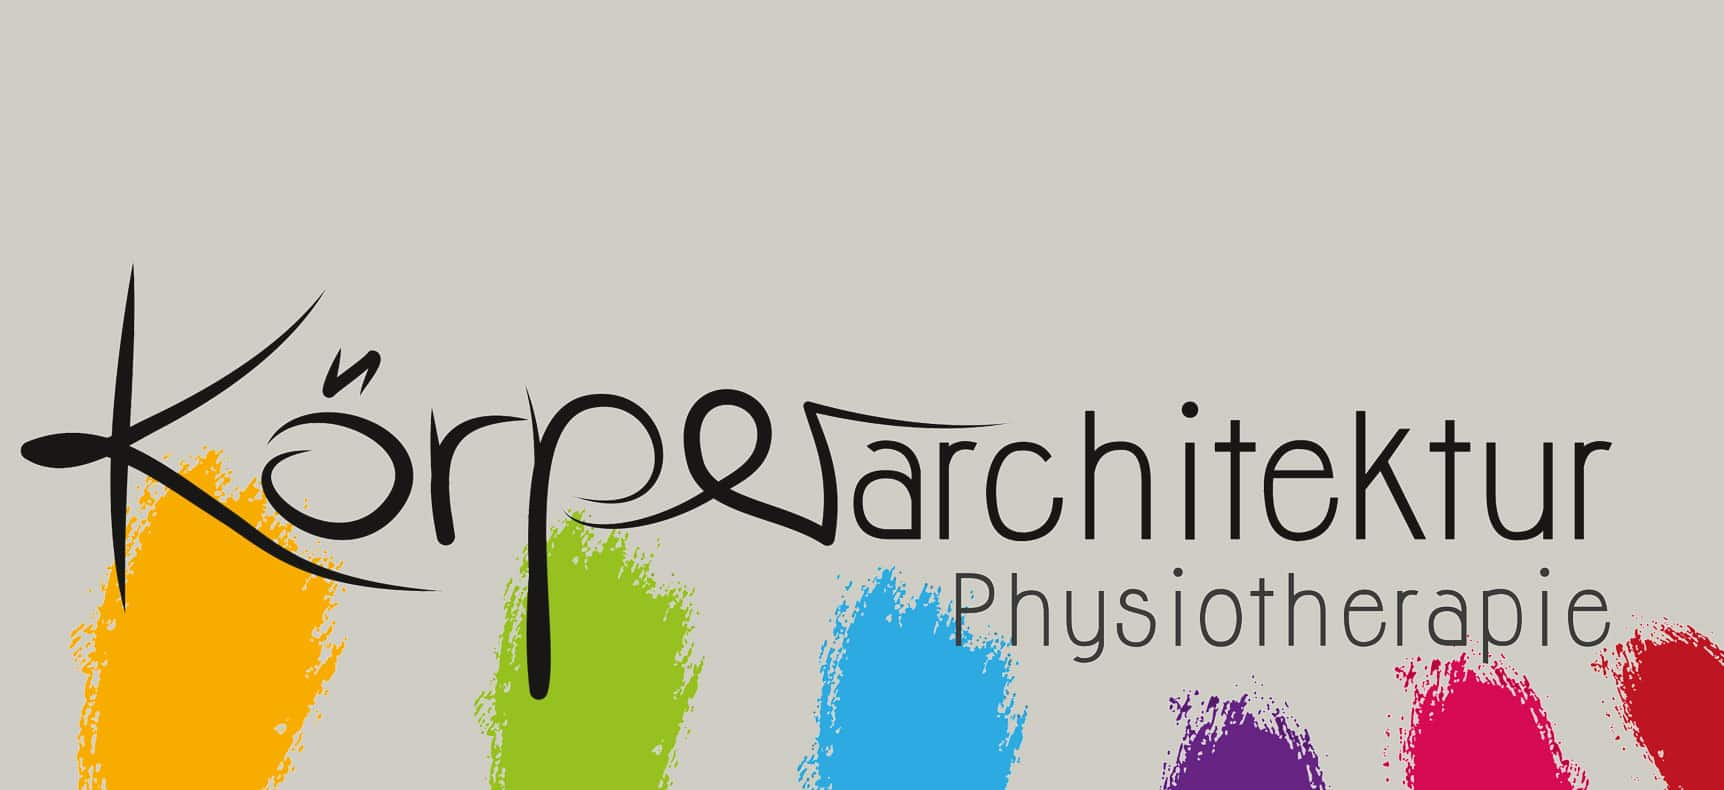 Körperarchitektur | Corporate Design entwickelt von StatusZwo.com